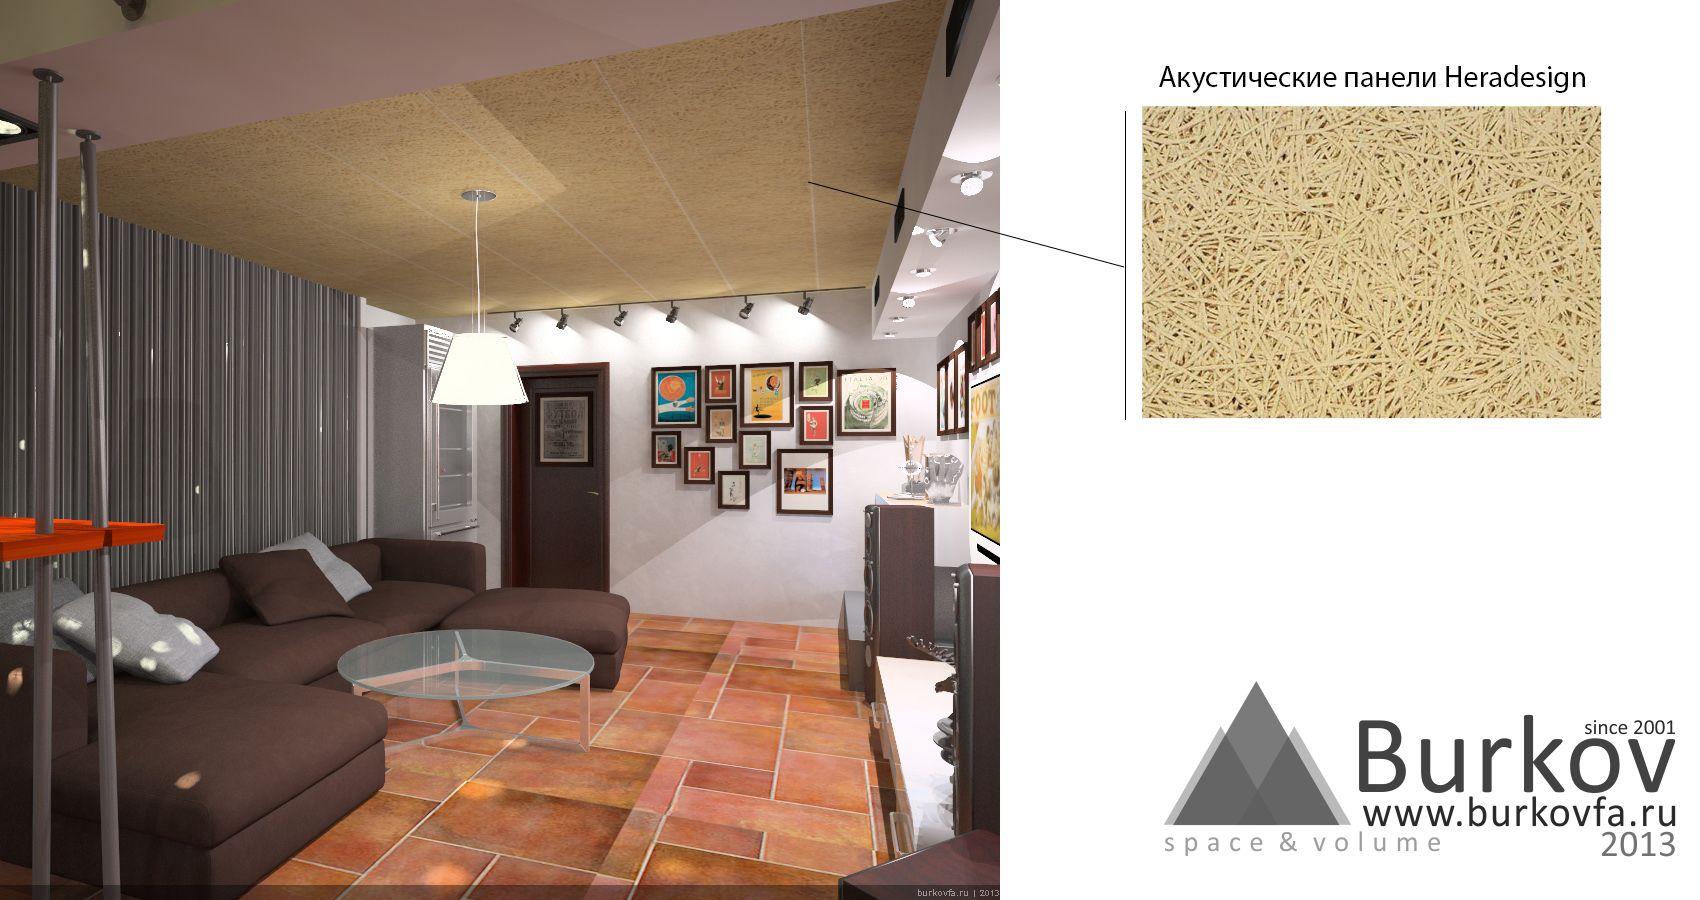 Акустические панели Heradesign в интерьере комнаты